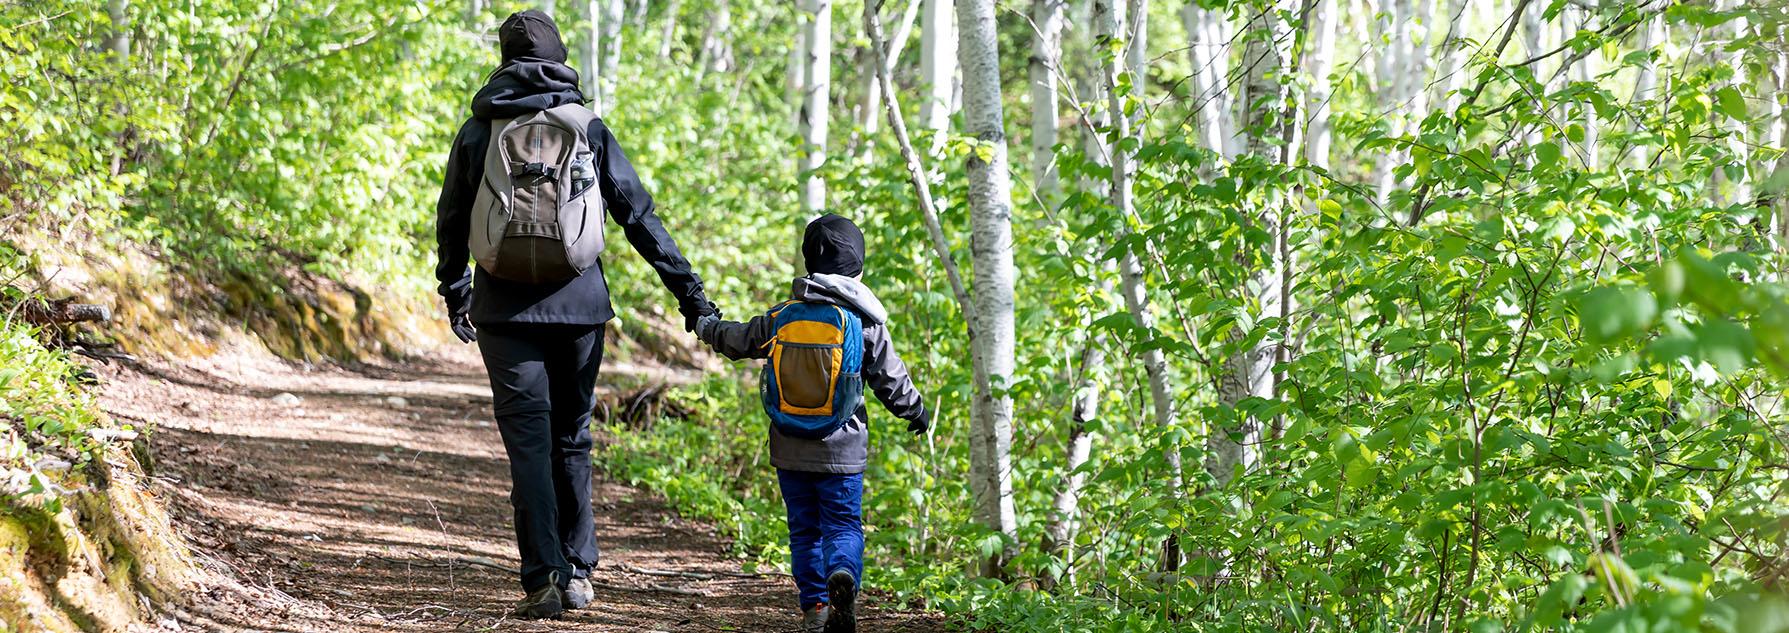 Un parent et un enfant marchant dans la forêt, se tenant par la main